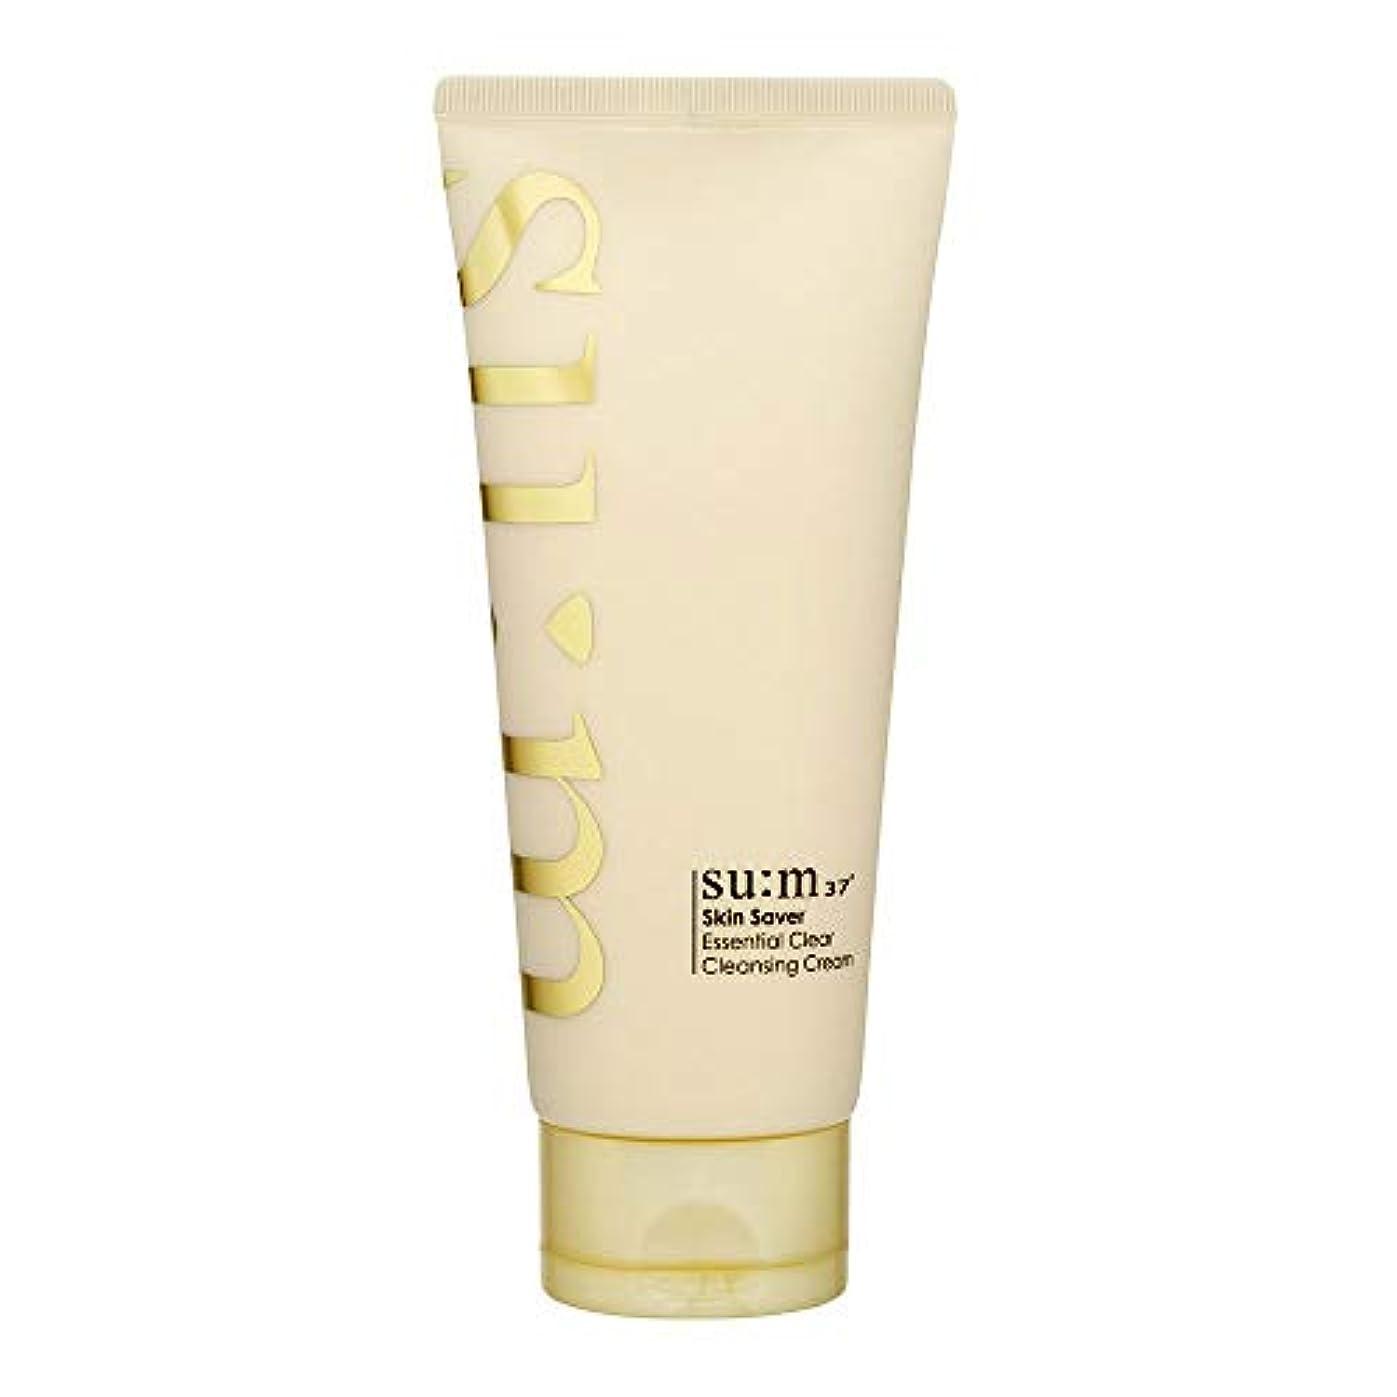 ミルク靴アンドリューハリディ[スム37°] Sum37° スキンセイバー エッセンシャルクリアクレンジングクリーム  Skin saver Essential Clear Cleansing Cream (海外直送品) [並行輸入品]